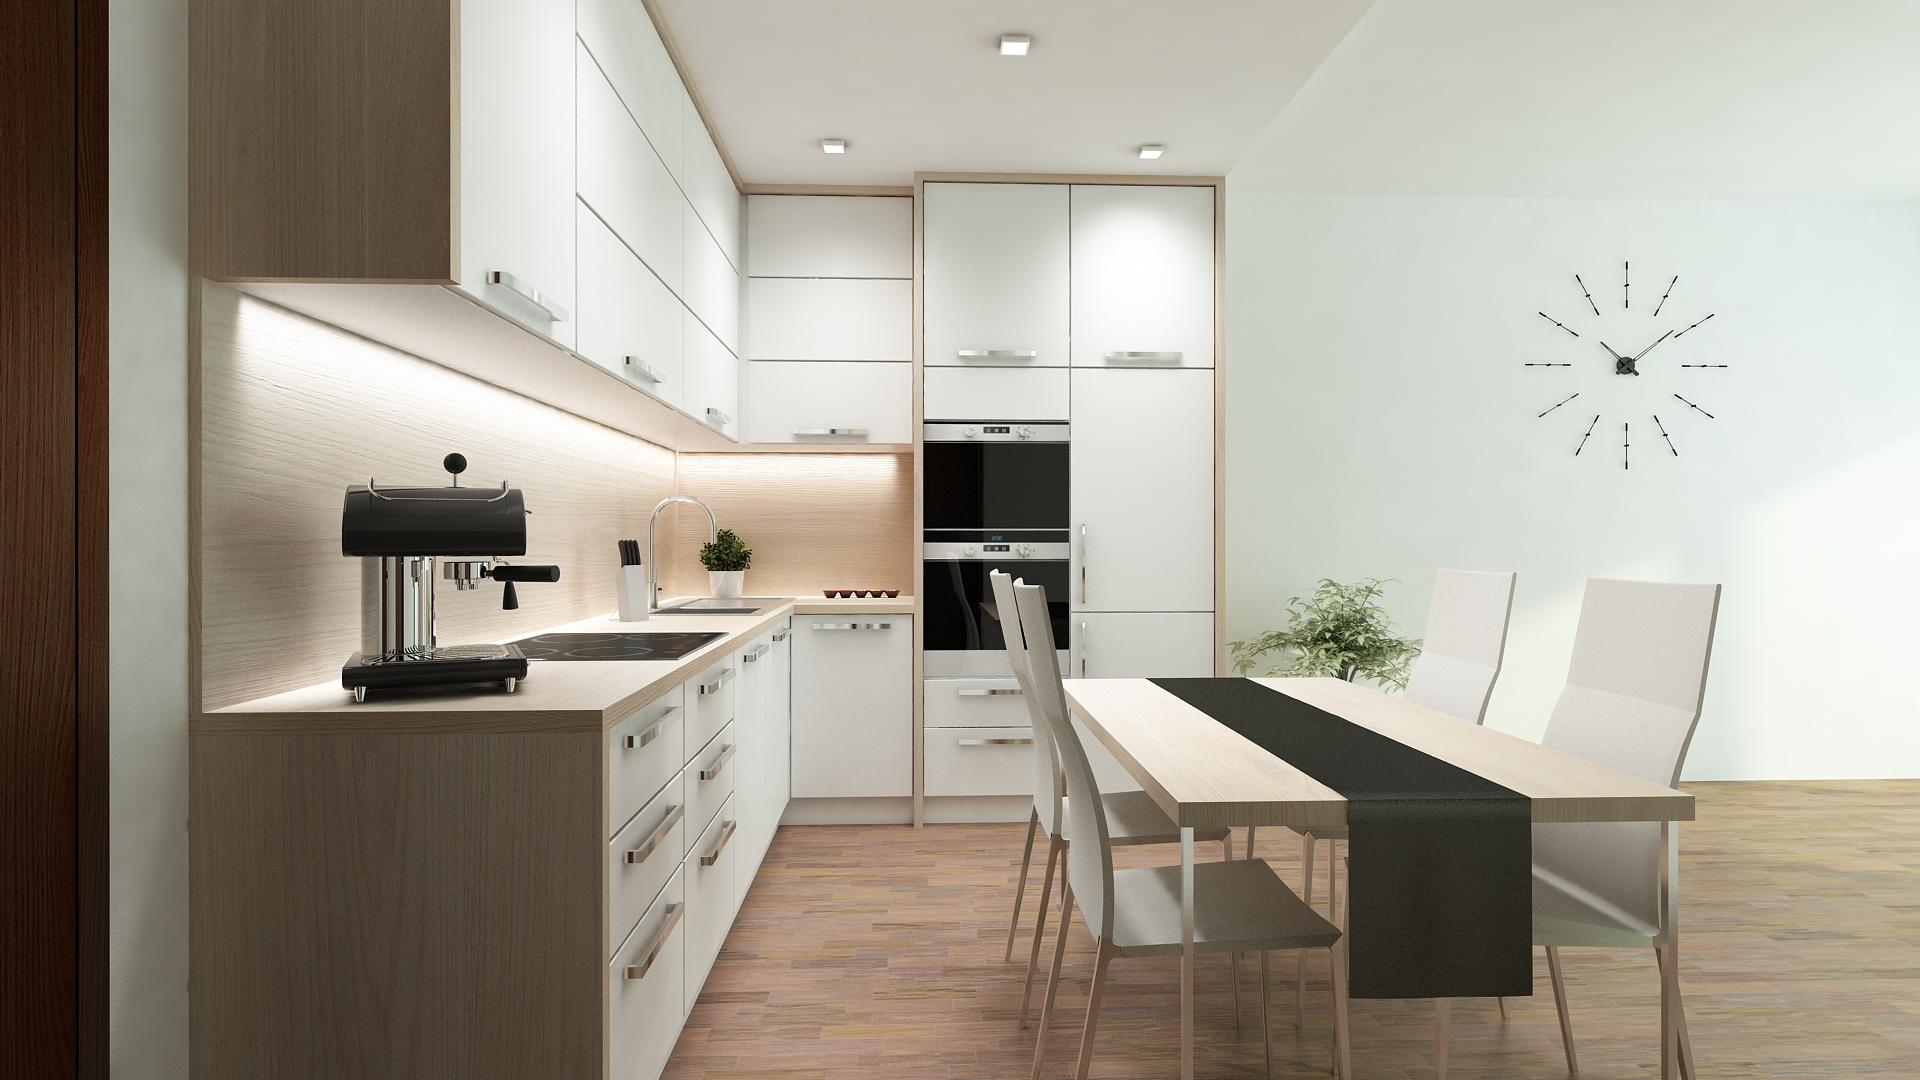 01 bílá kuchyně (1).jpg - Hana Micková Interiery e0cebc165e